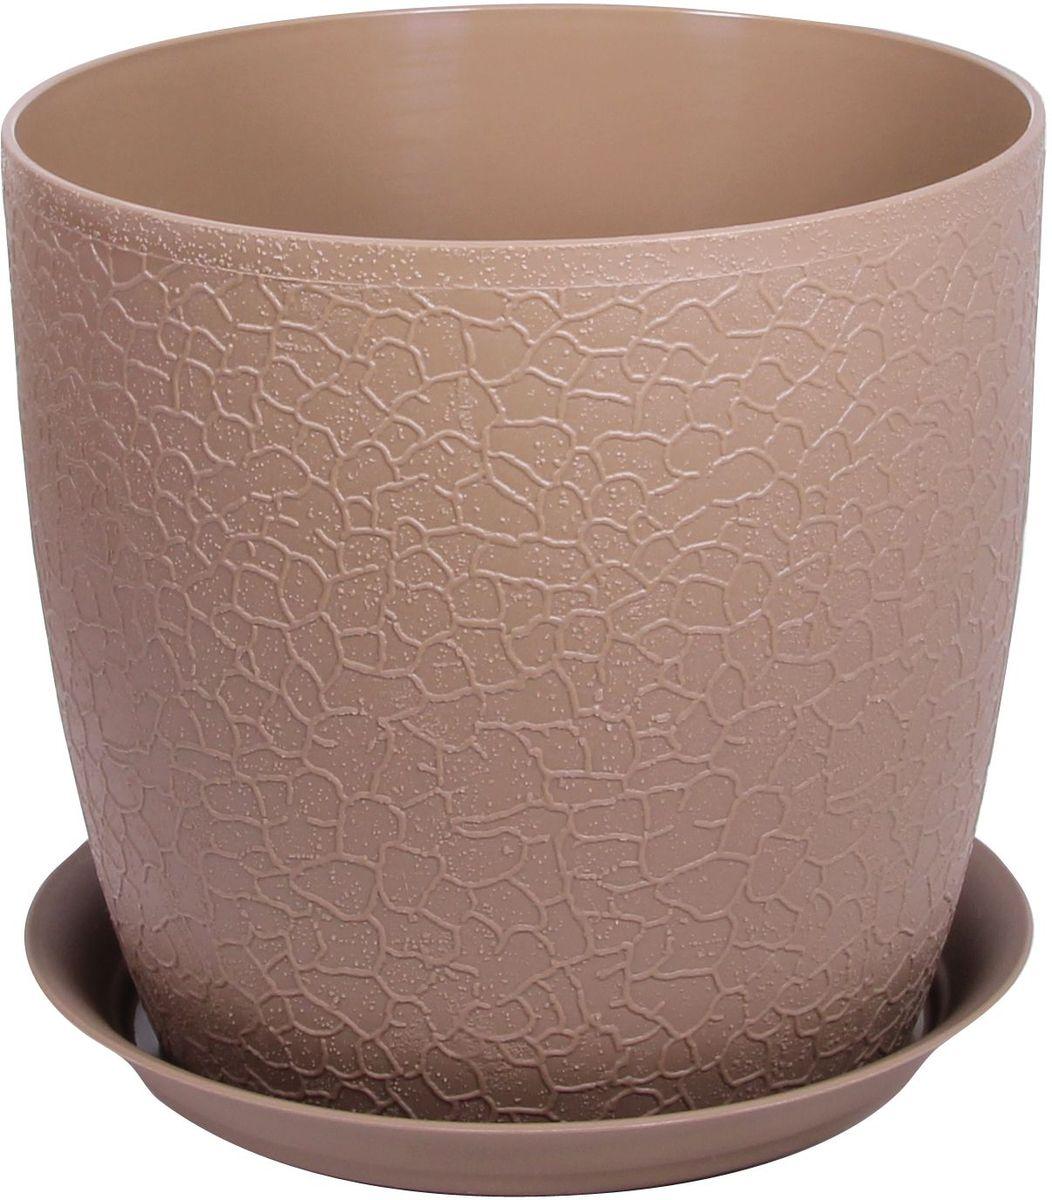 Кашпо Idea Верона, с подставкой, цвет: бежевый, диаметр 18 см531-402Кашпо Idea Верона изготовлено из полипропилена (пластика). Специальная подставка предназначена для стока воды. Изделие прекрасно подходит для выращивания растений и цветов в домашних условиях.Диаметр кашпо: 18 см.Высота кашпо: 16,1 см.